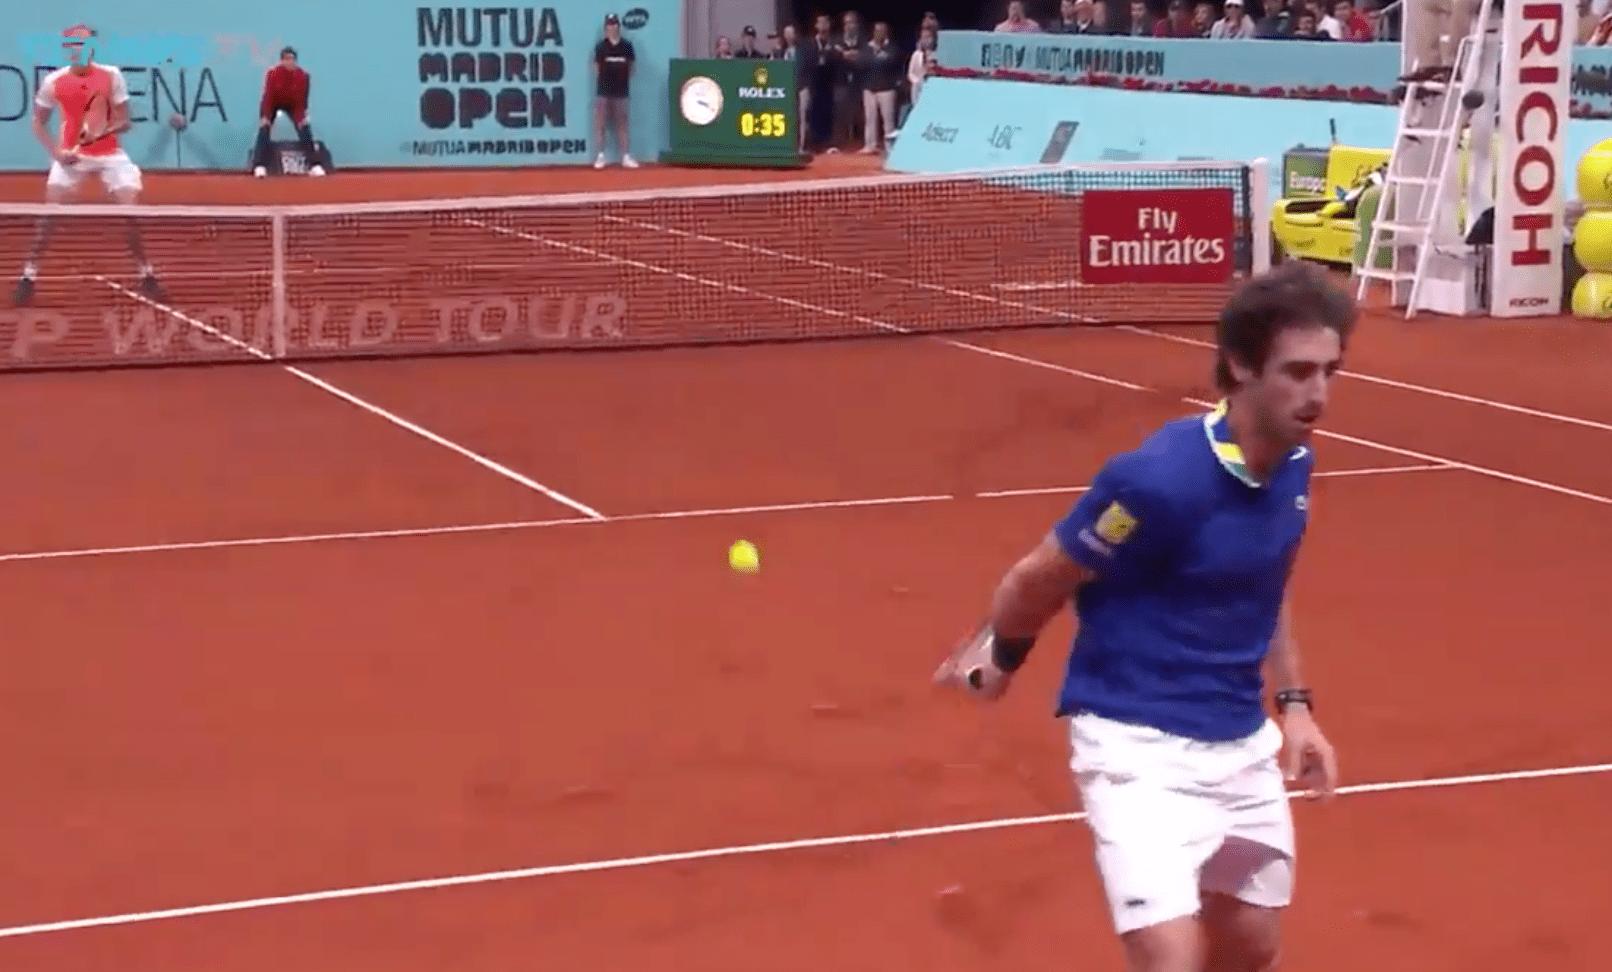 Pablo Cuevas claque le point de l'année contre Alexander Zverev